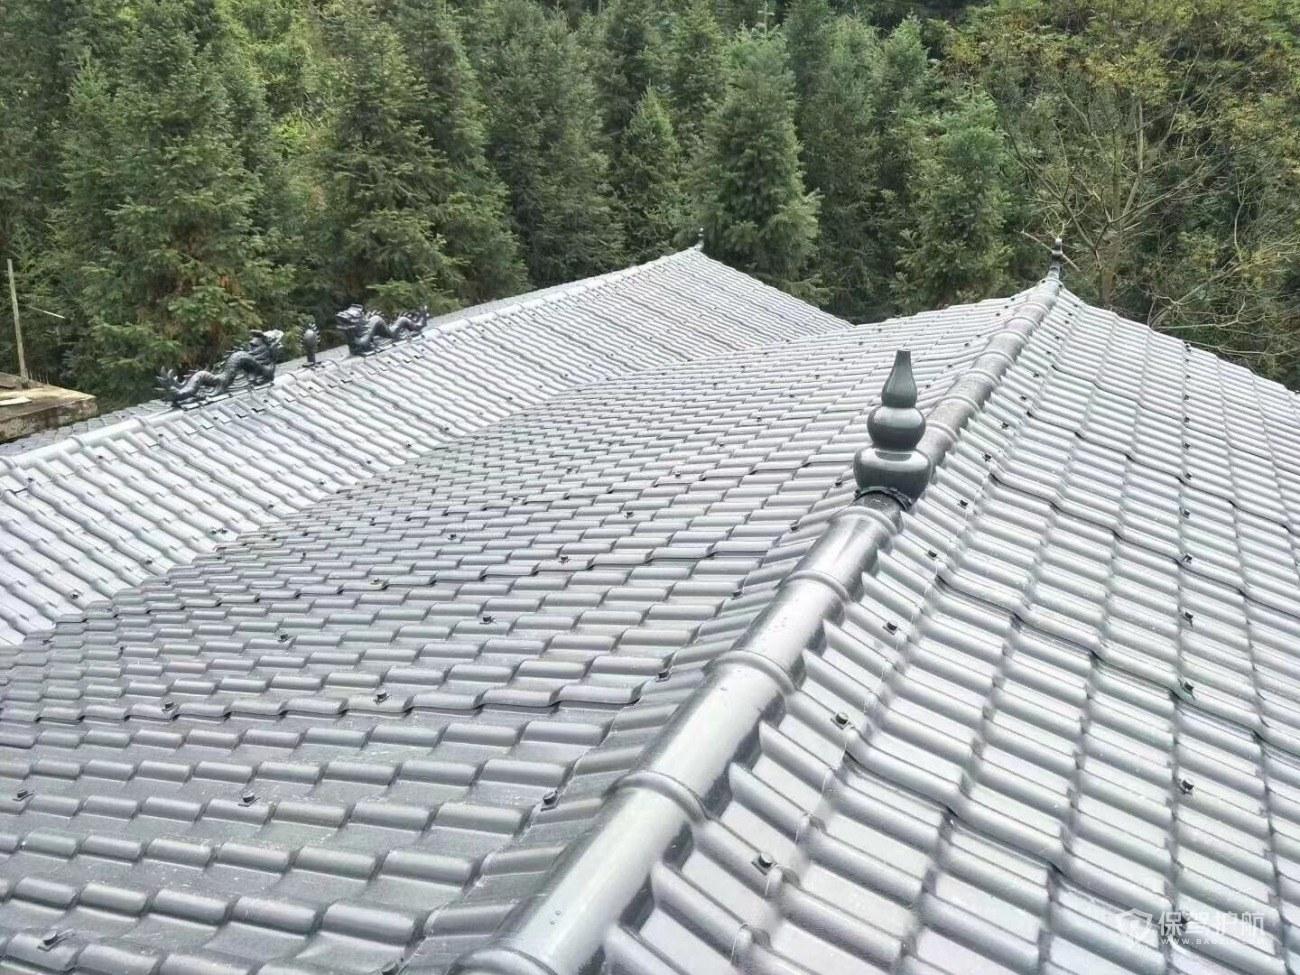 自建房屋顶瓦片怎么选择?常见屋顶瓦片的优缺点